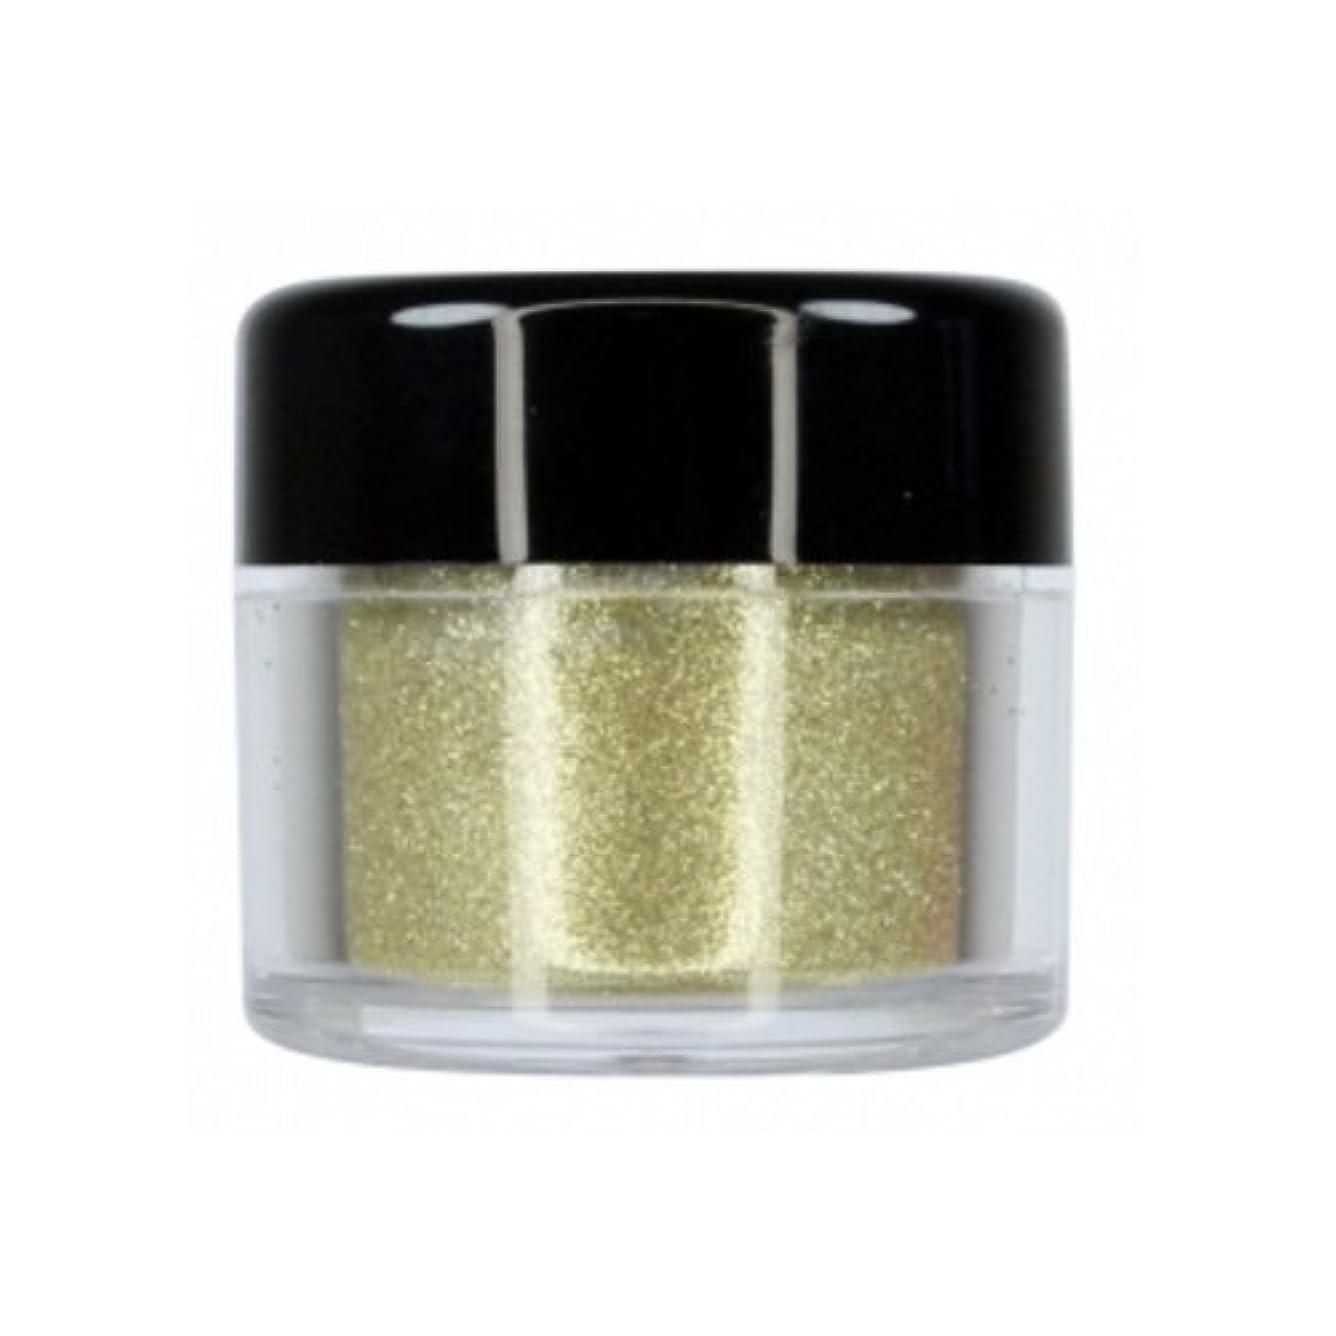 キャラバン歌詞ネックレットCITY COLOR Sparkle & Shine Loose Glitter - Sparkler (並行輸入品)